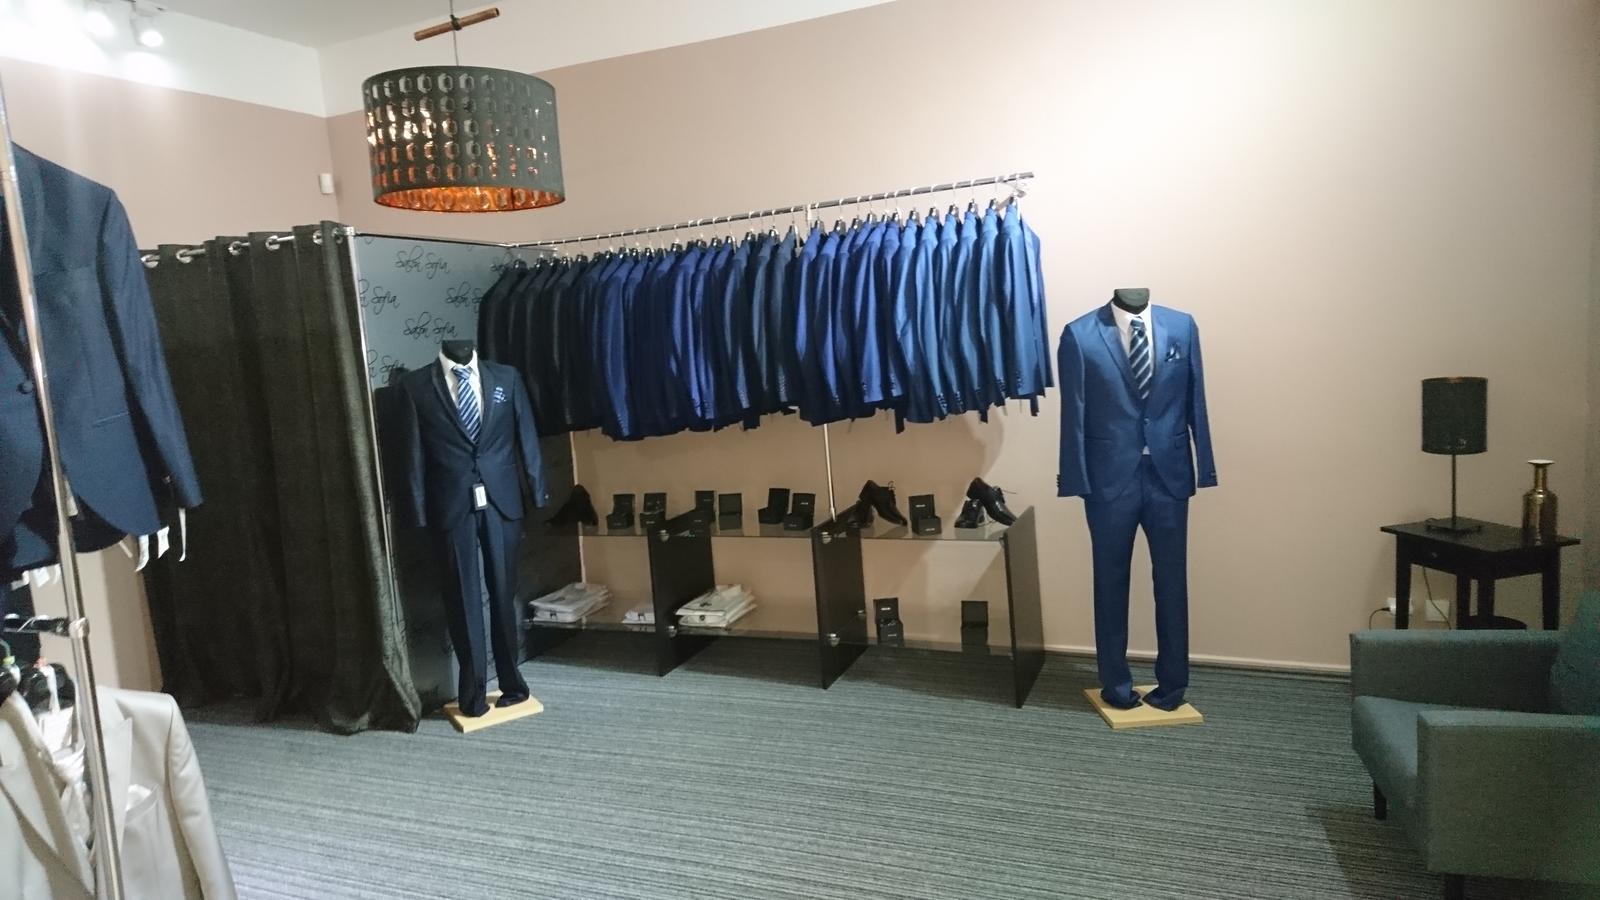 Výprodej pánských obleků! Ceny od 1500,- do 4990,- - Obrázek č. 1